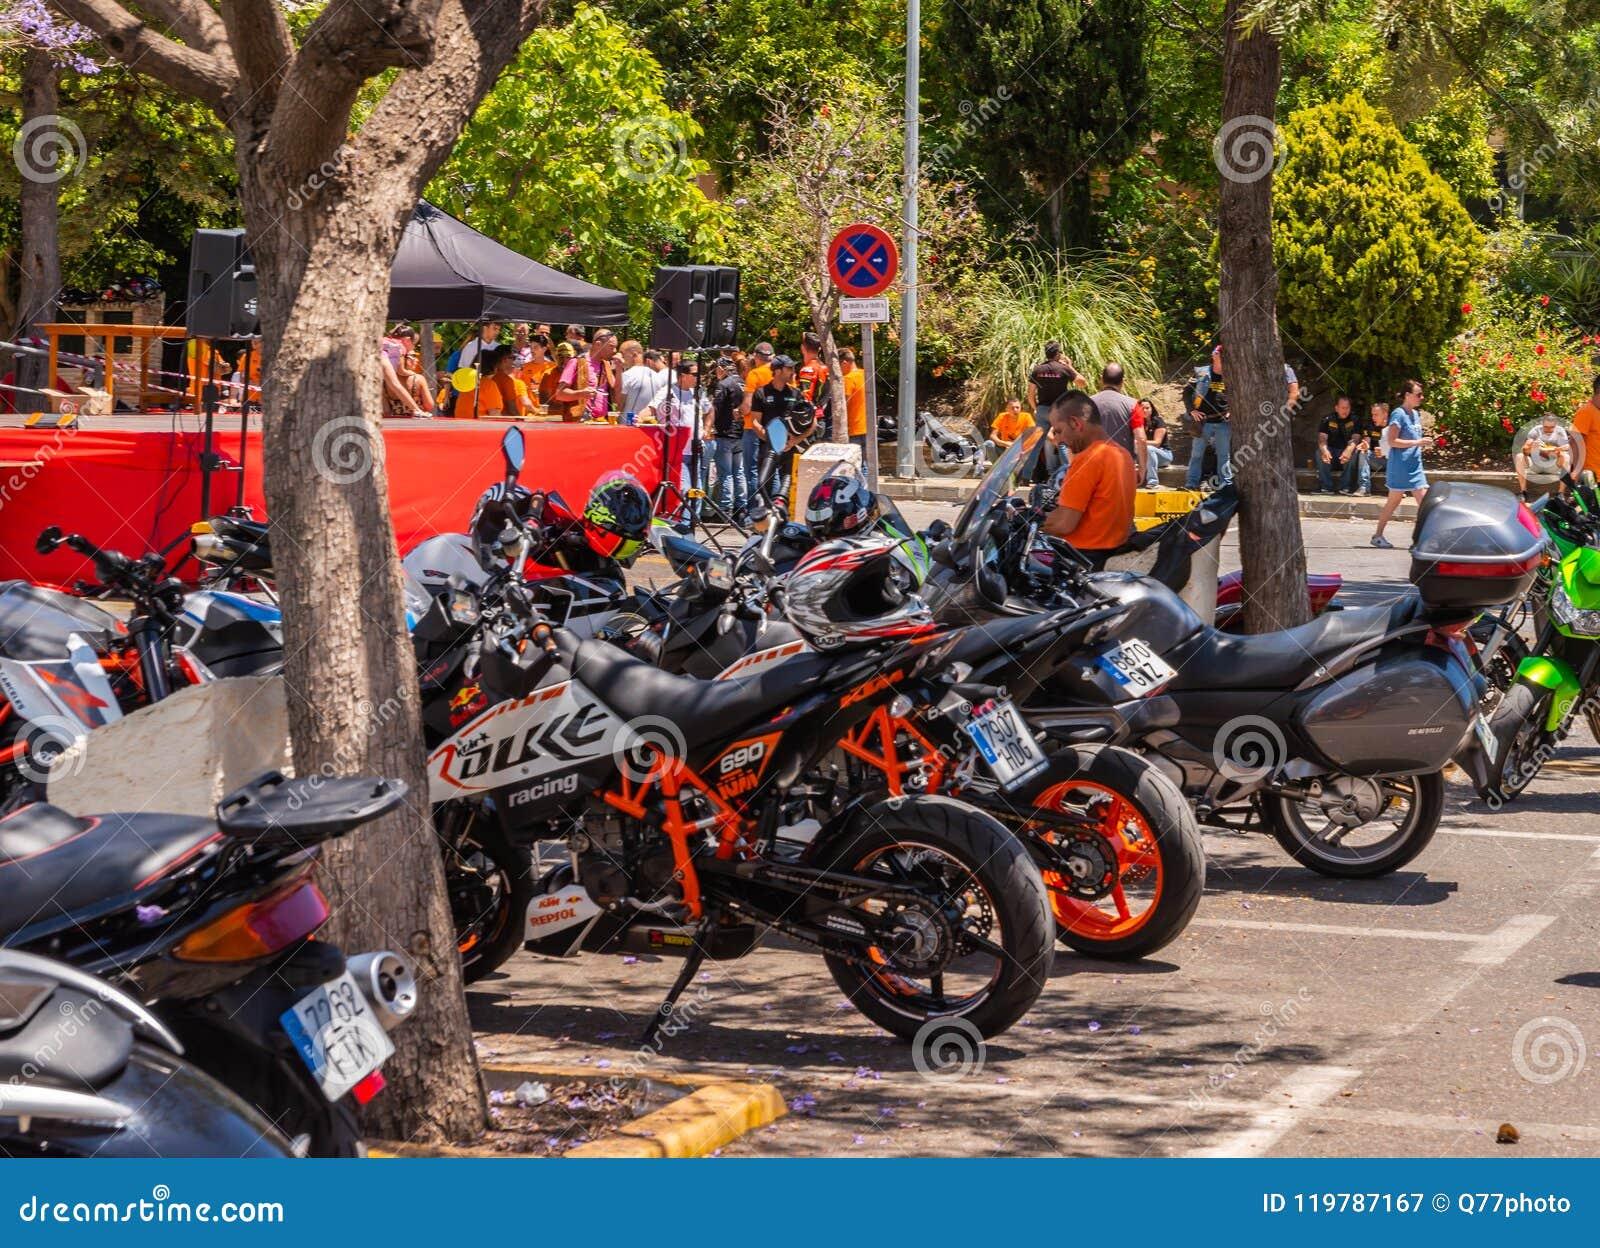 NERJA, ESPAGNE - 10 juin 2018 rassemblement de moto dans l Anda célèbre